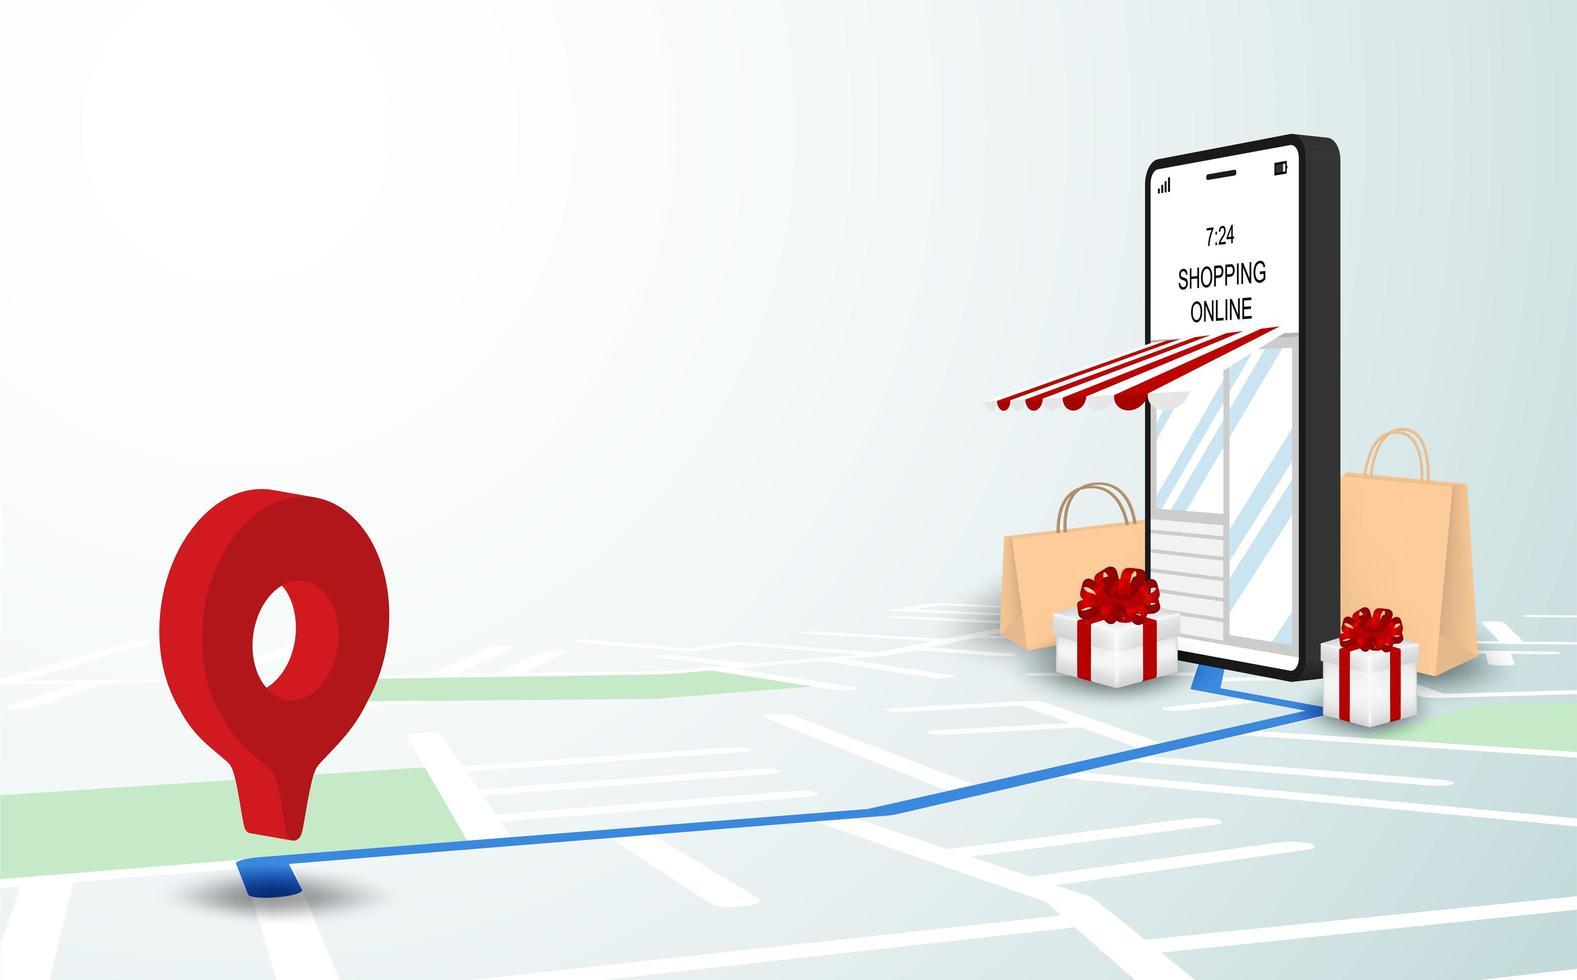 boutique livraison en ligne sur carte vecteur